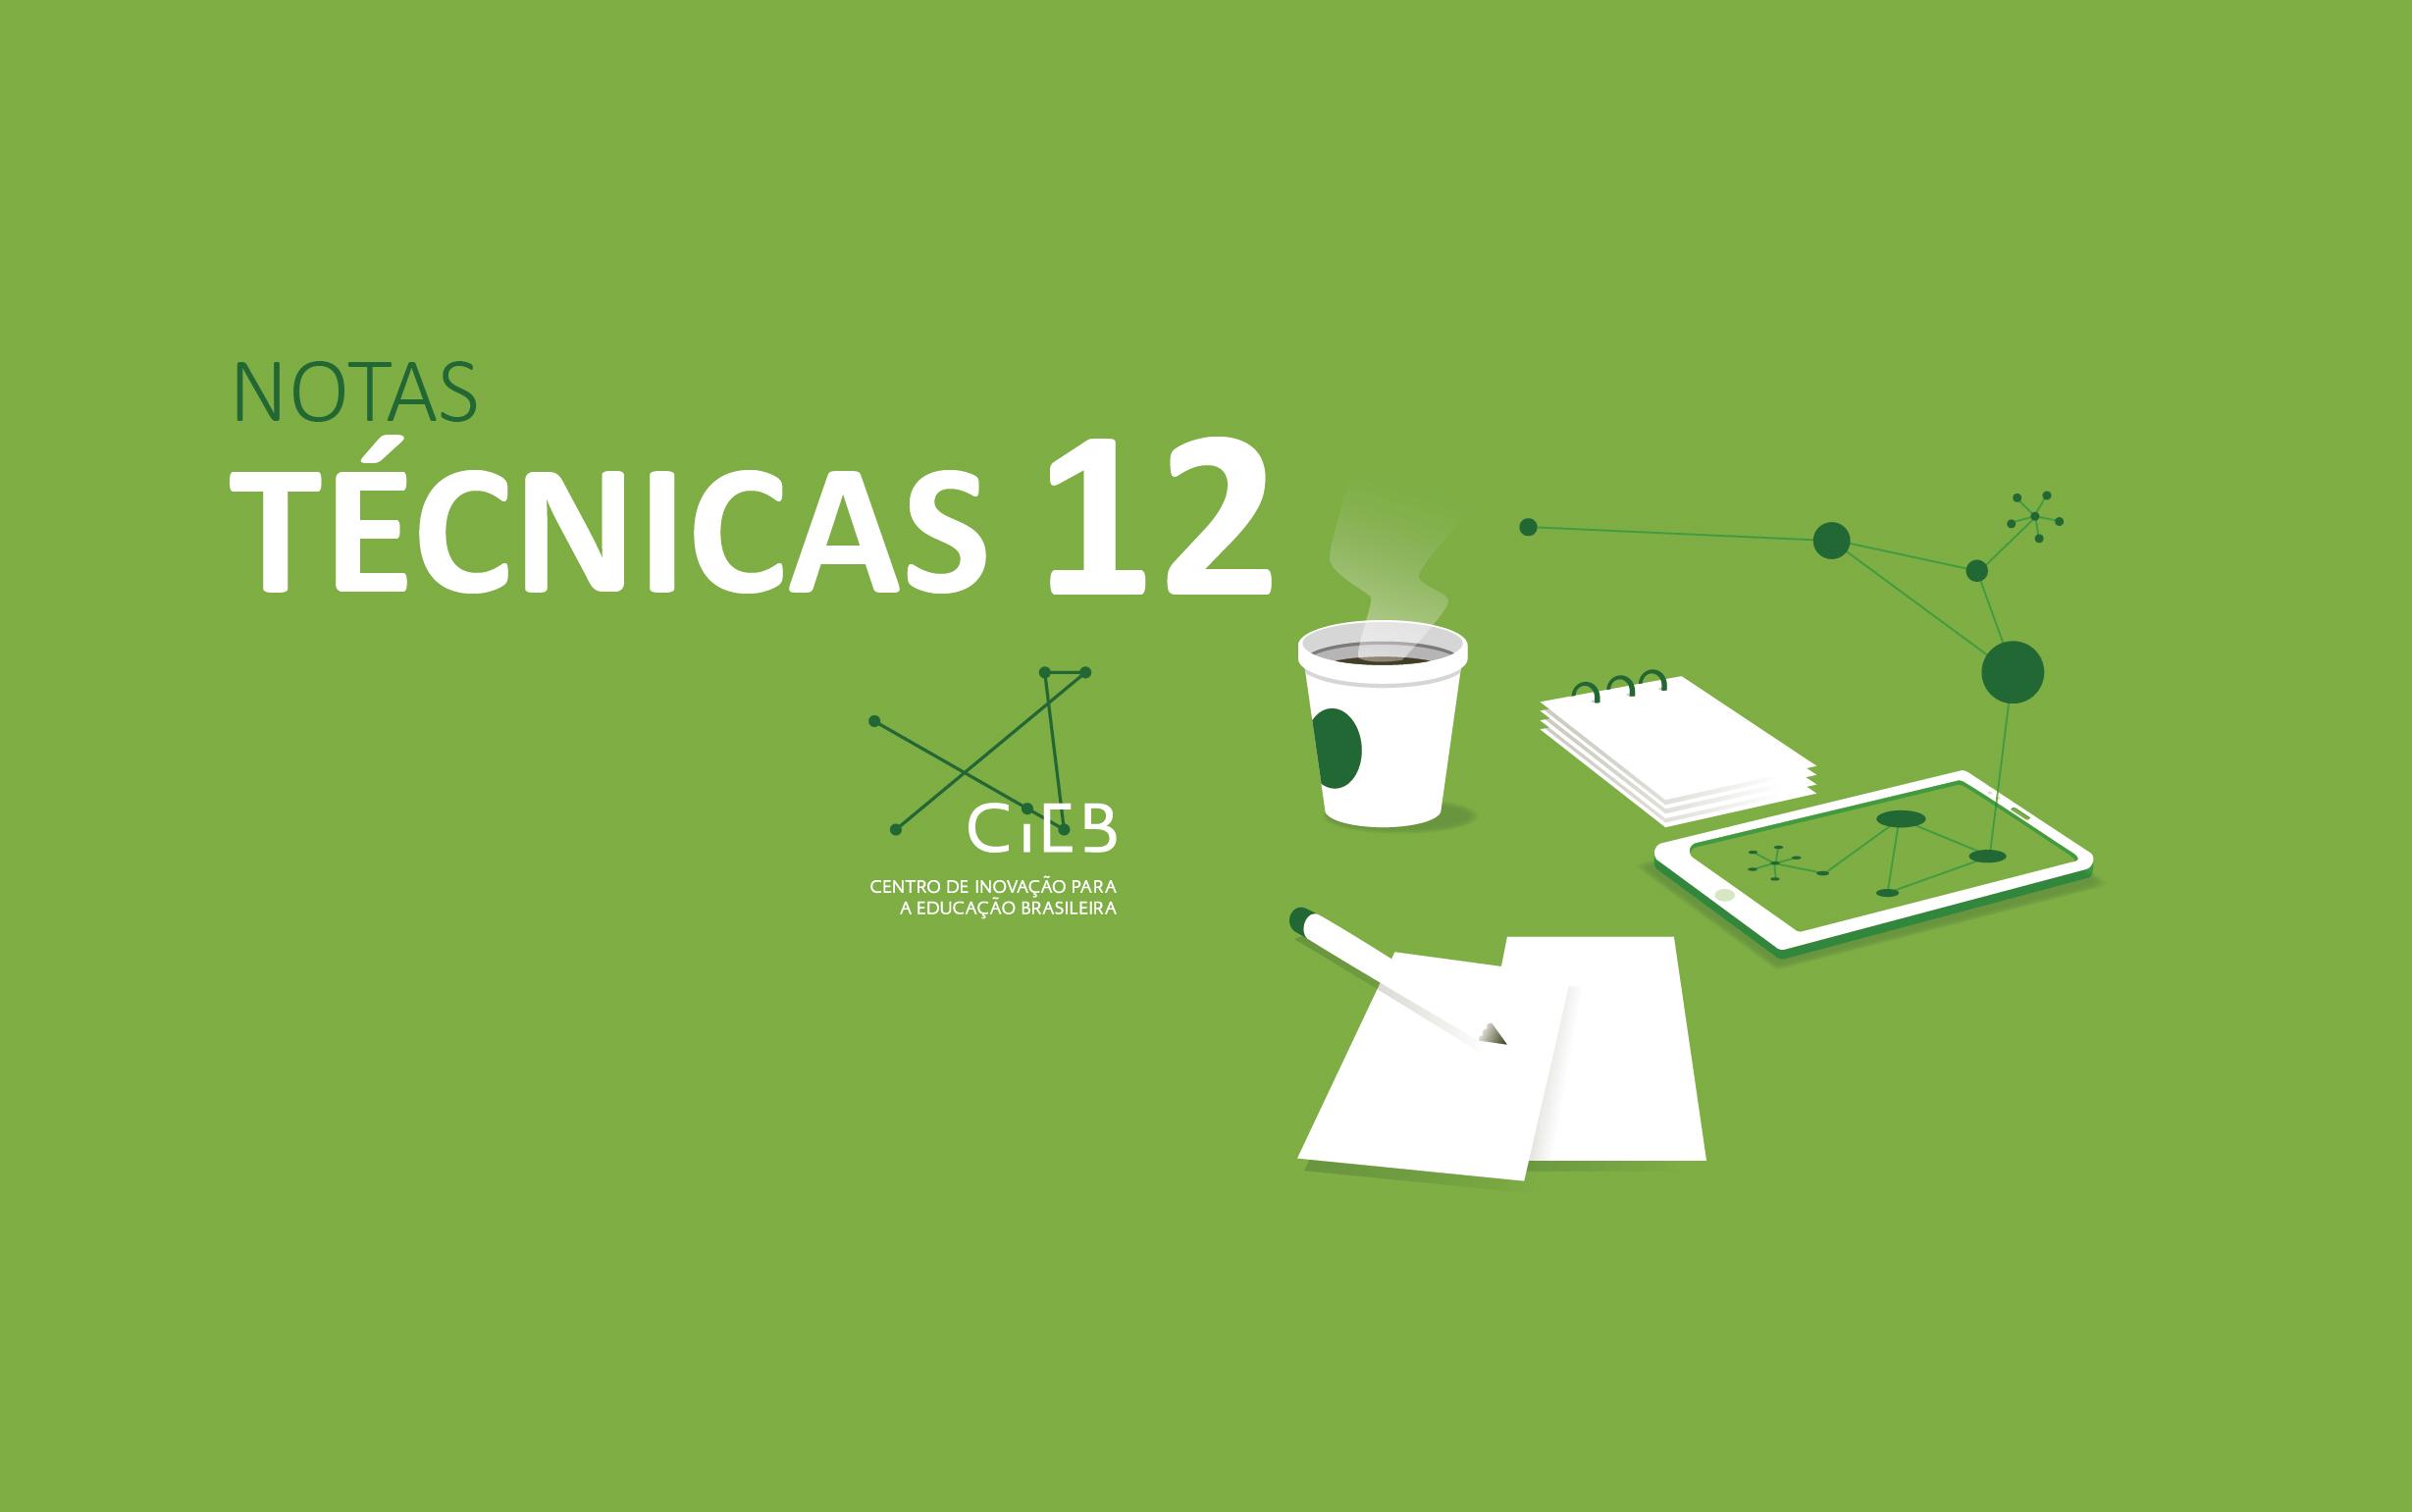 Conceitos e conteúdos de inovação e tecnologia (I&T) na BNCC